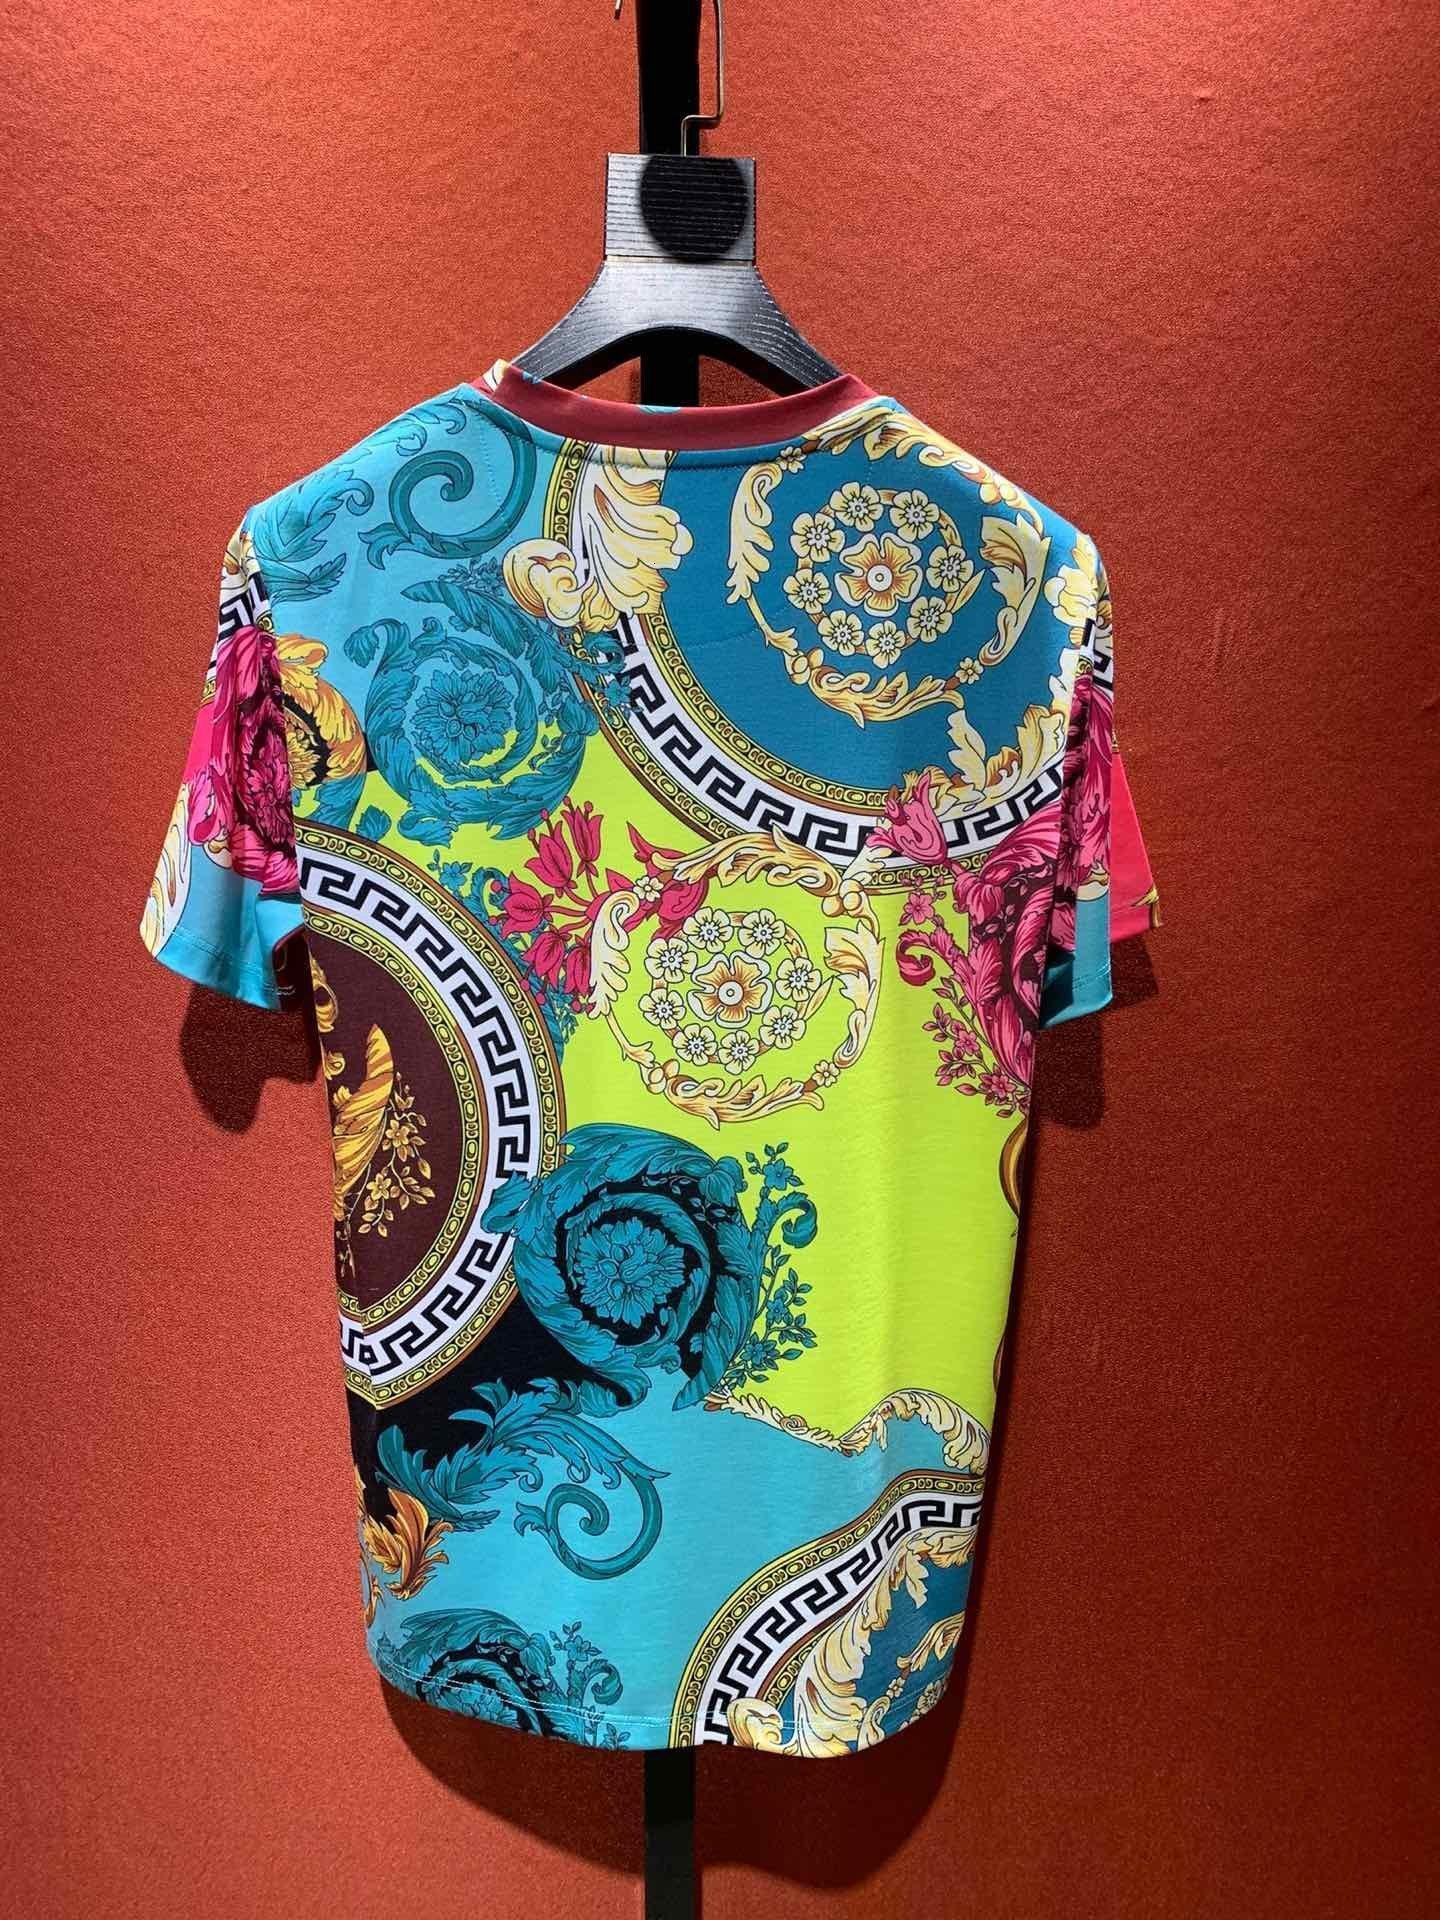 2020 uomini nuovi di alta qualità della camicia manica corta maglietta stile semplice di uomini moda estiva uomini migliori vestiti EMUZWT1U